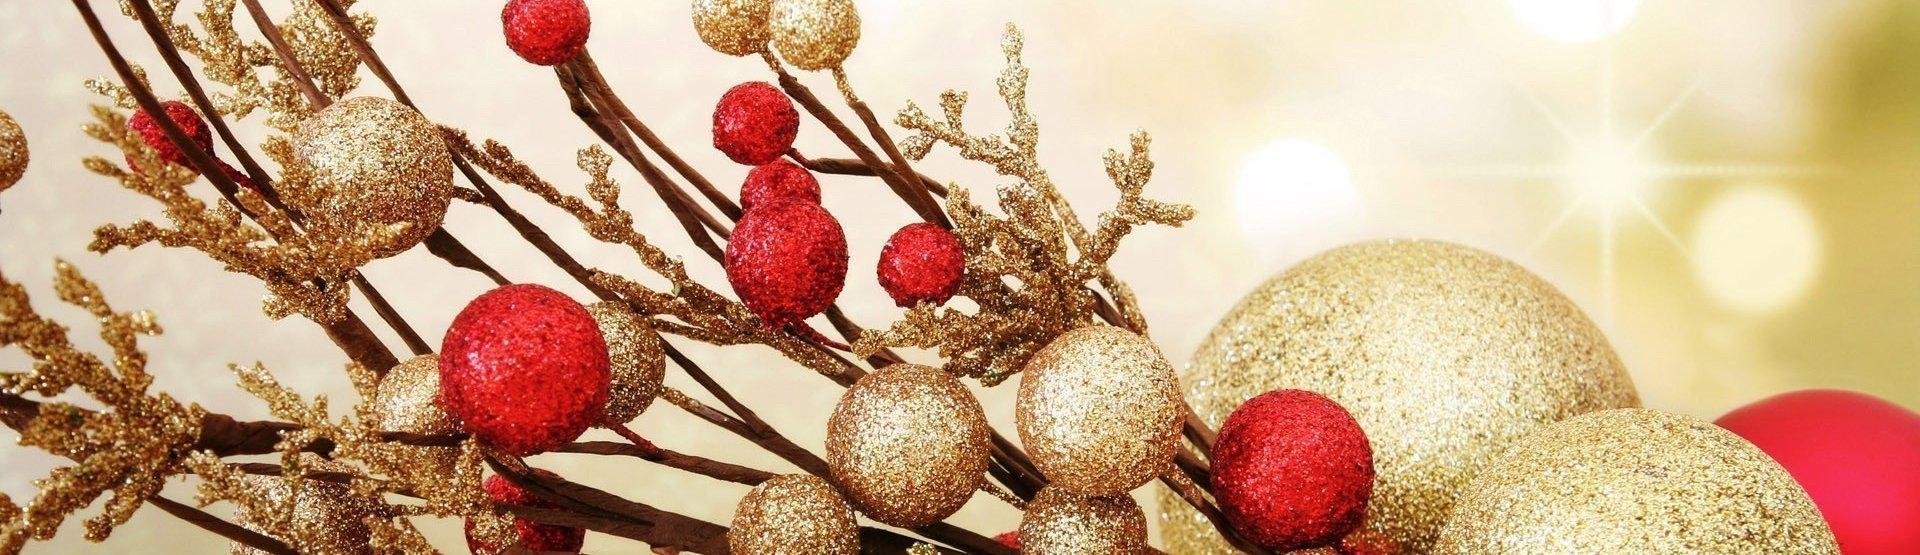 Boże Narodzenie Pełne Blasku - Święta 2019